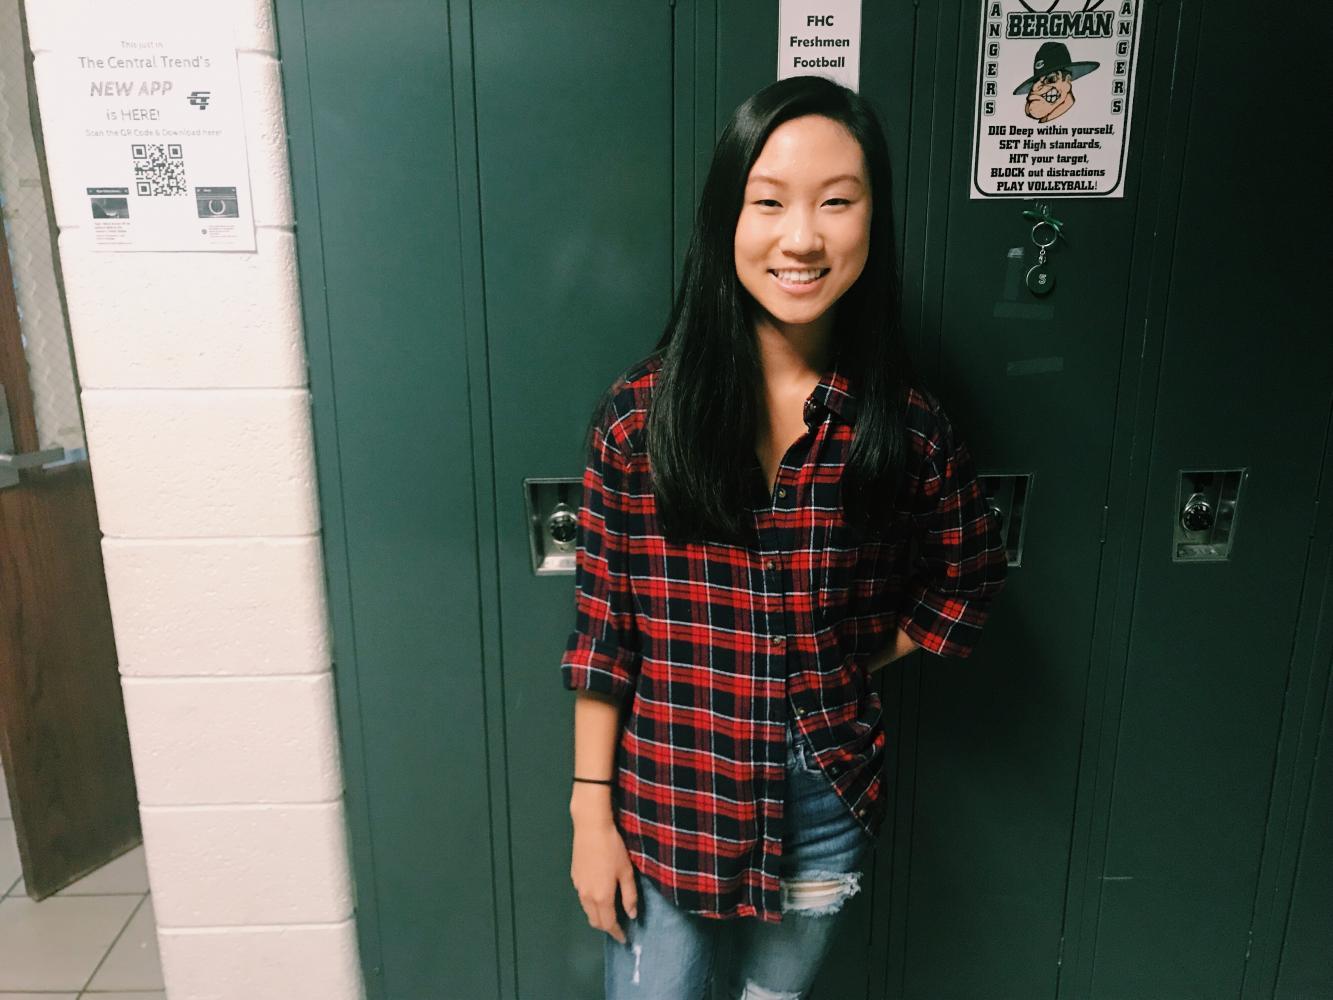 Humans of FHC: Lauren Reed